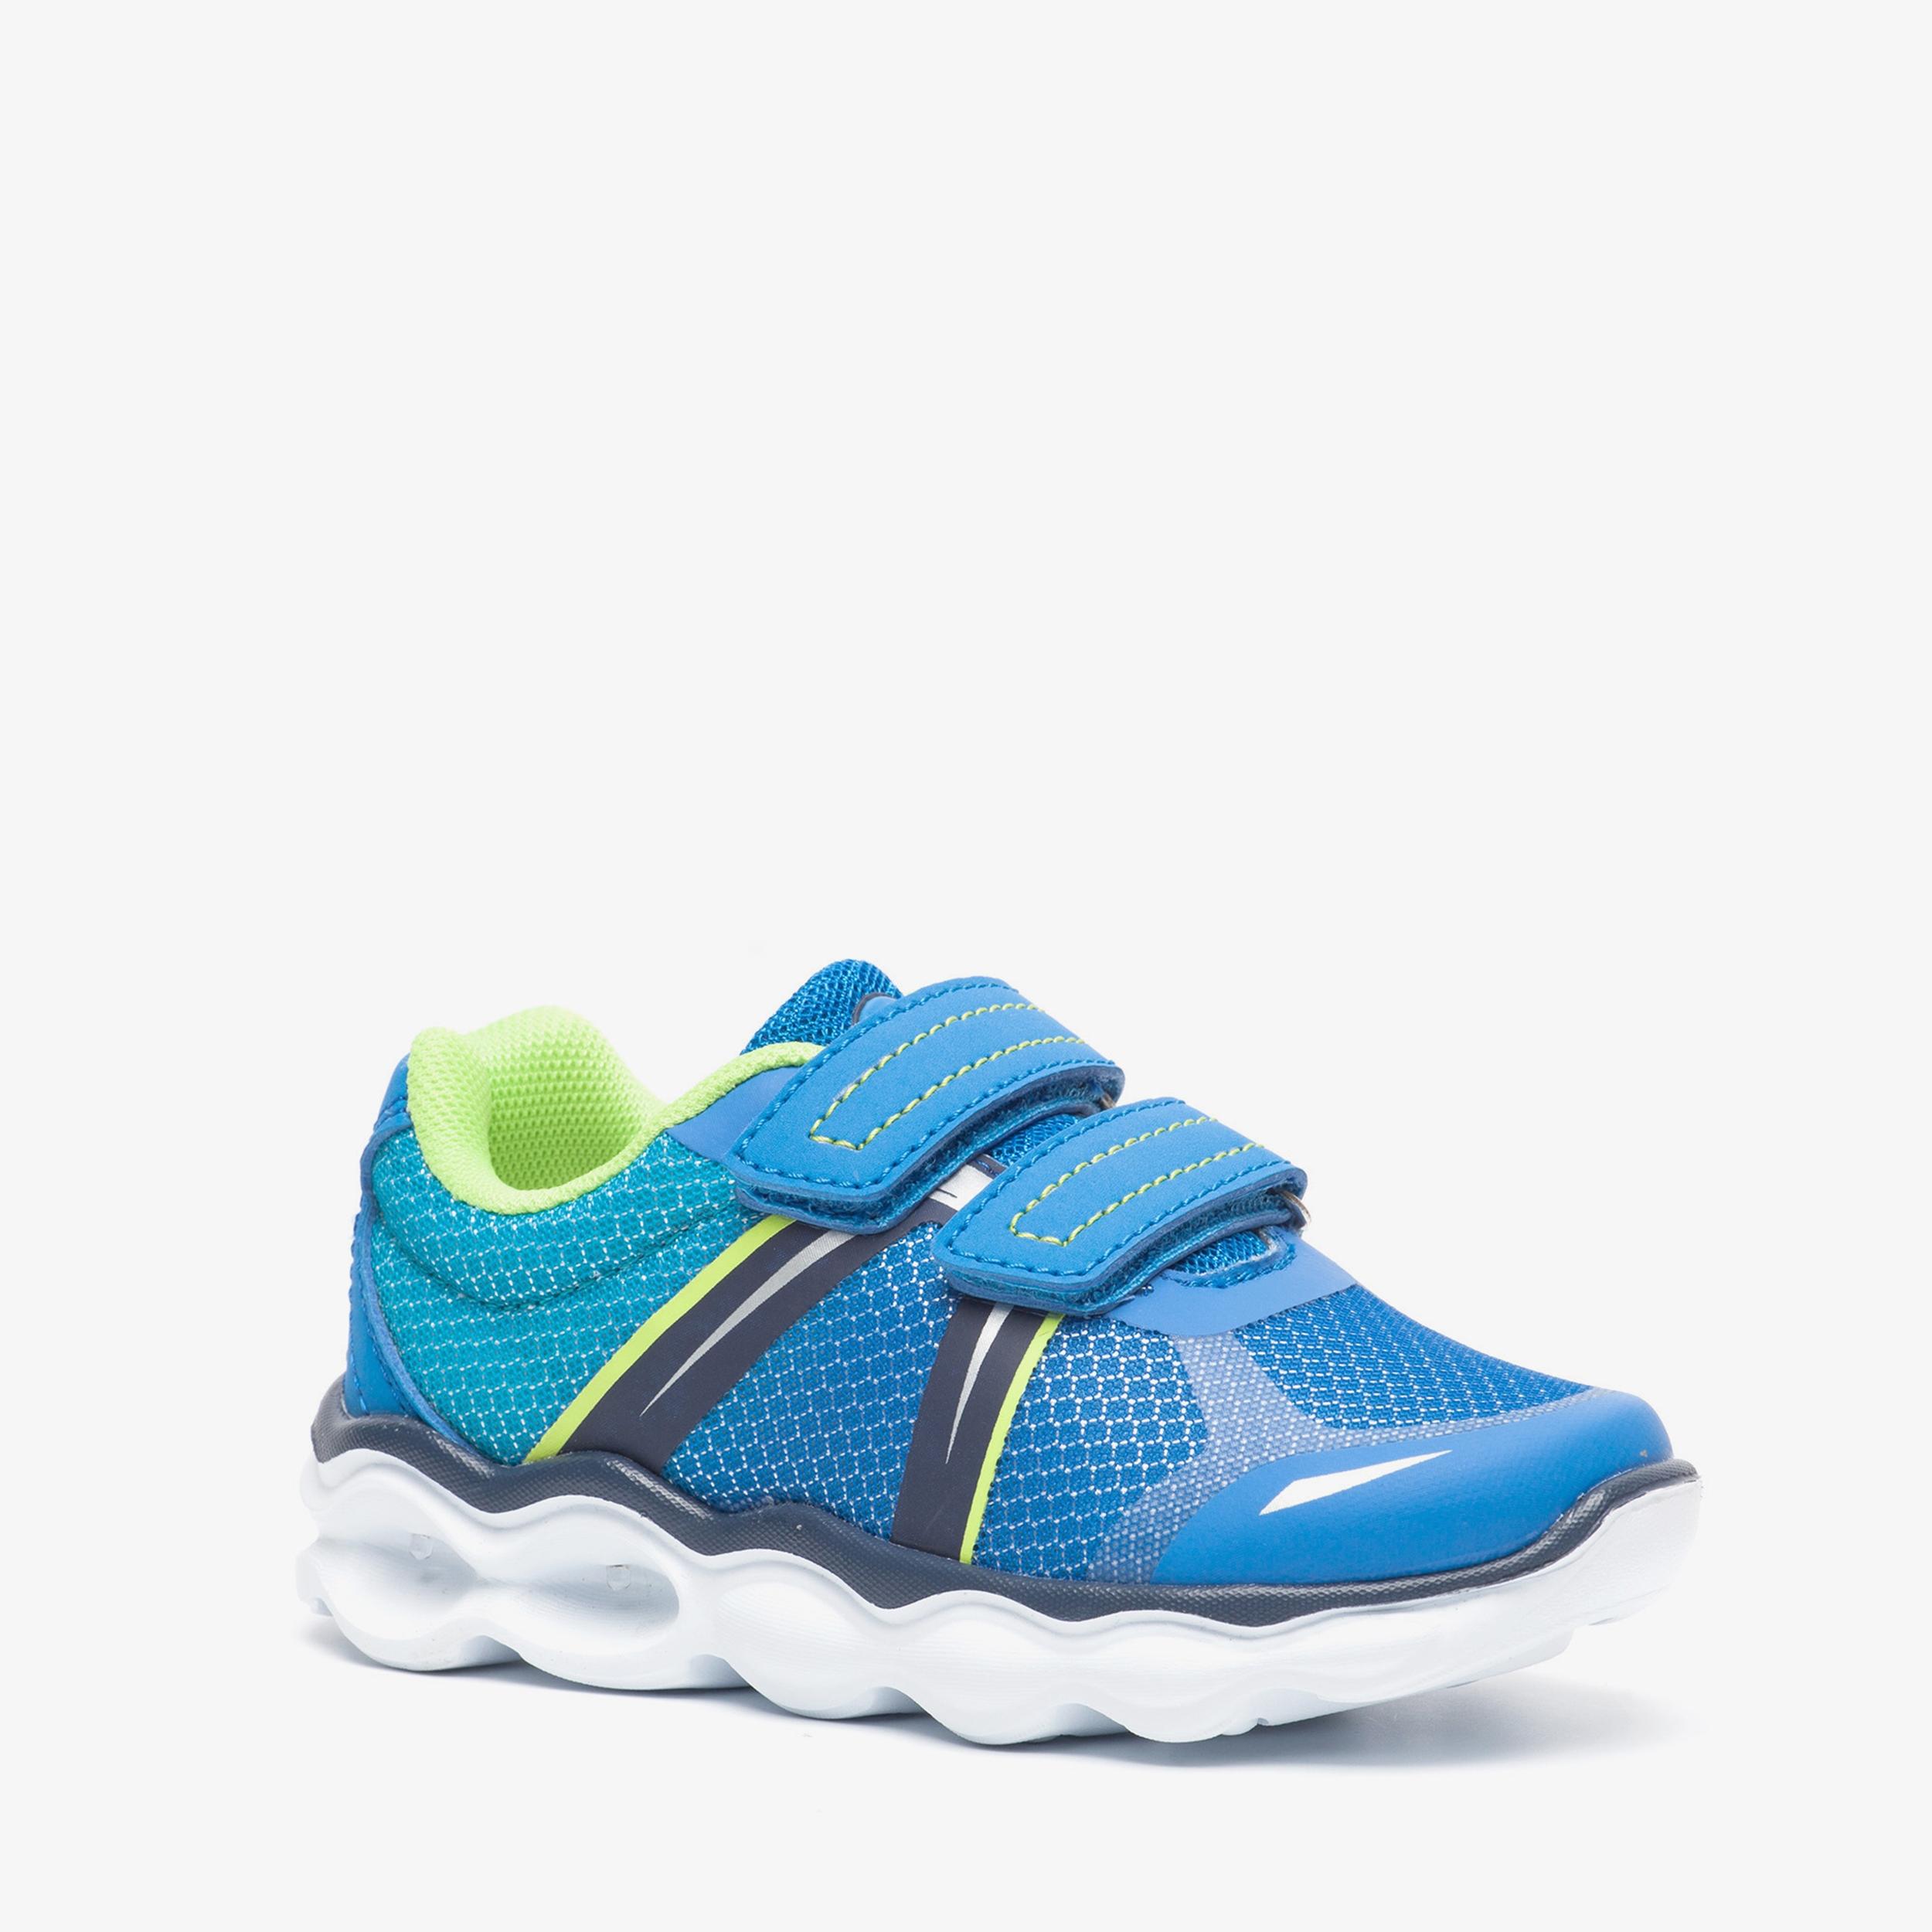 f94611c8501 Blue Box jongens sneakers met lichtjes online bestellen   Scapino